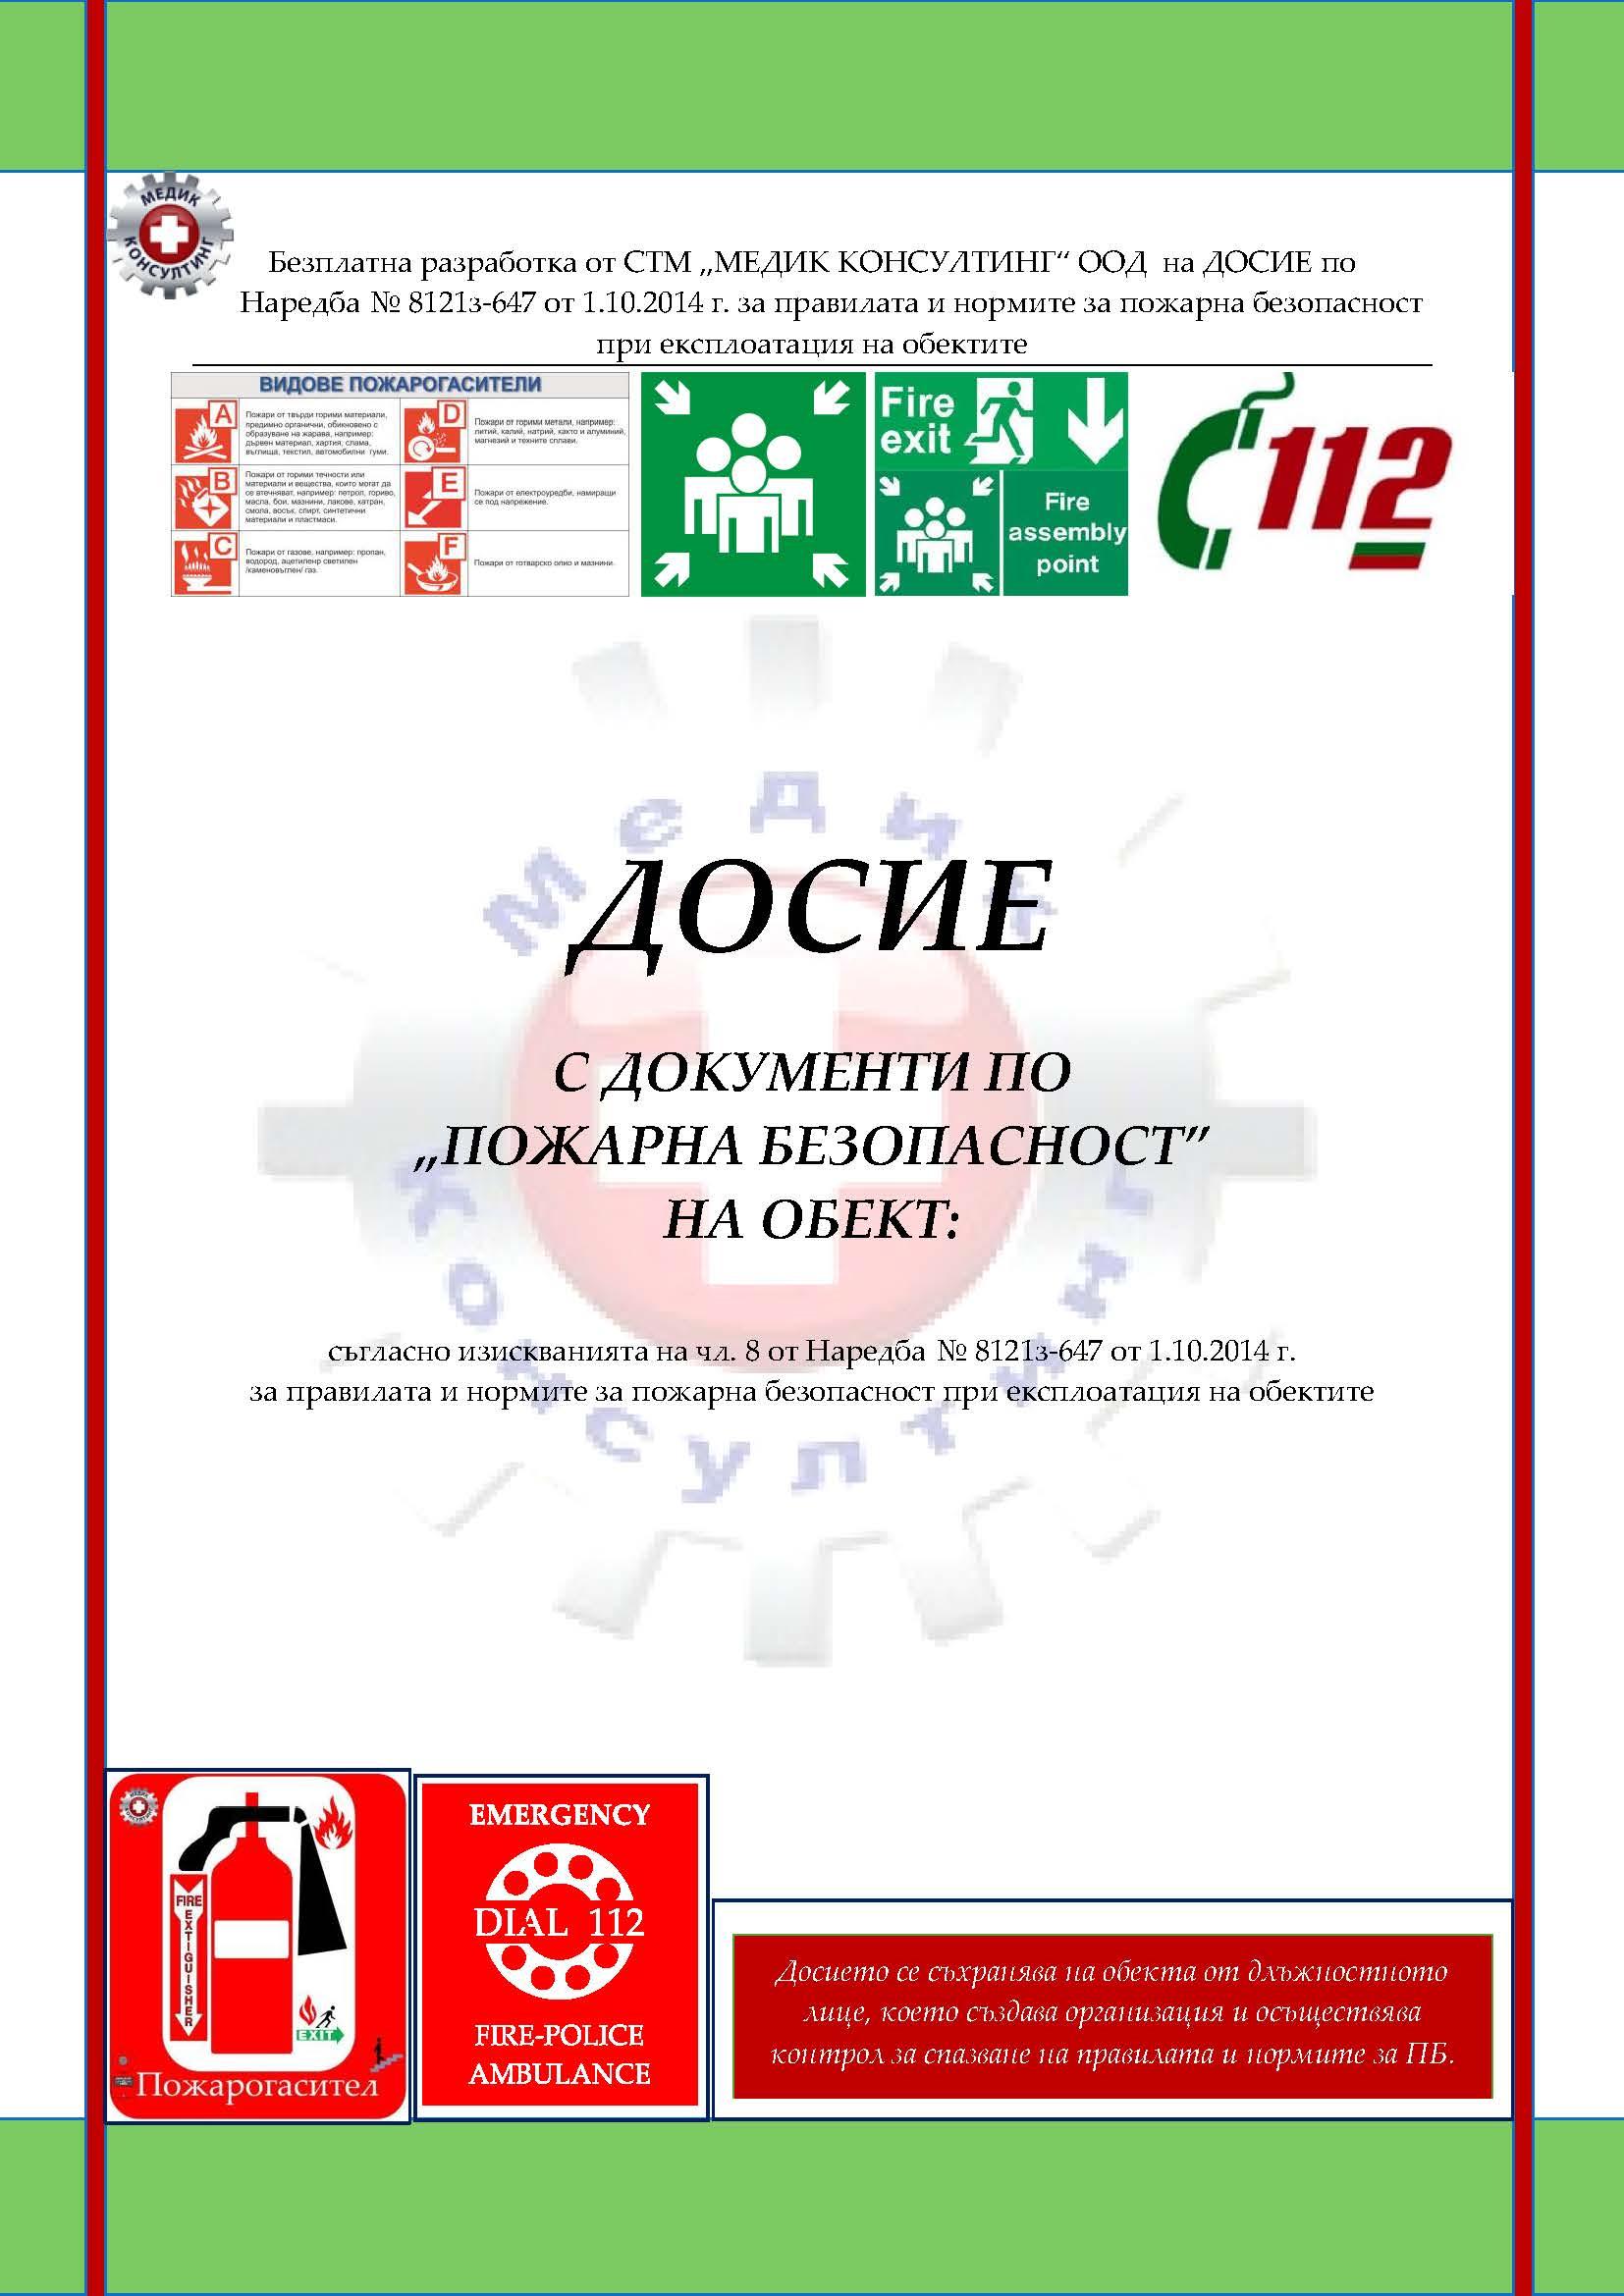 Досие по пожарна безопасност съгласно Наредба № 8121з-647 от 1 октомври 2014